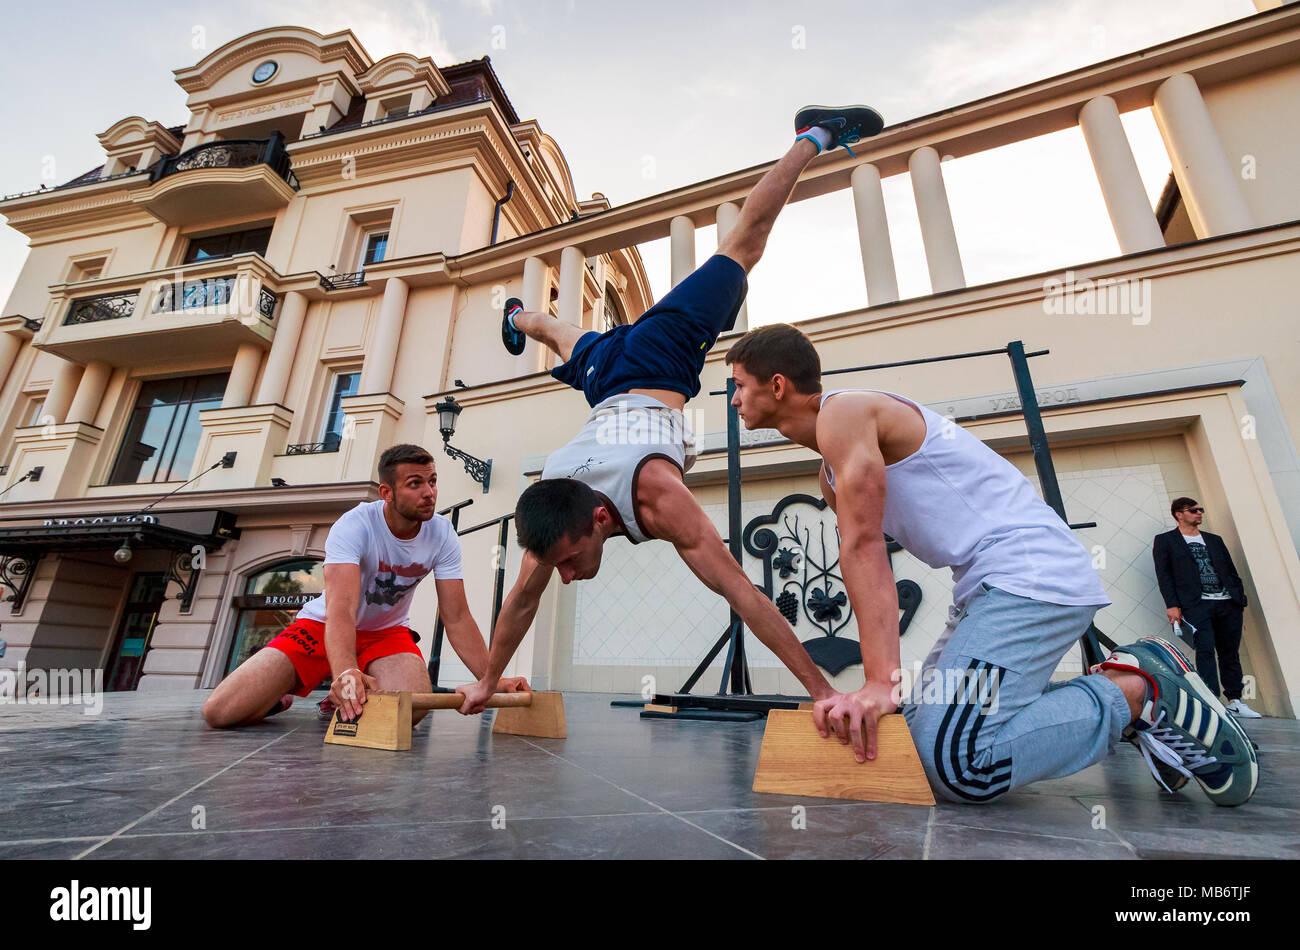 Uschhorod, Ukraine - May 10, 2016: Die Teilnehmer der Sport im freien Wettbewerb. Training Meisterschaft in Uzhgorod. Die jungen Männer zeigen ihre Fähigkeit auf dem Aren Stockbild